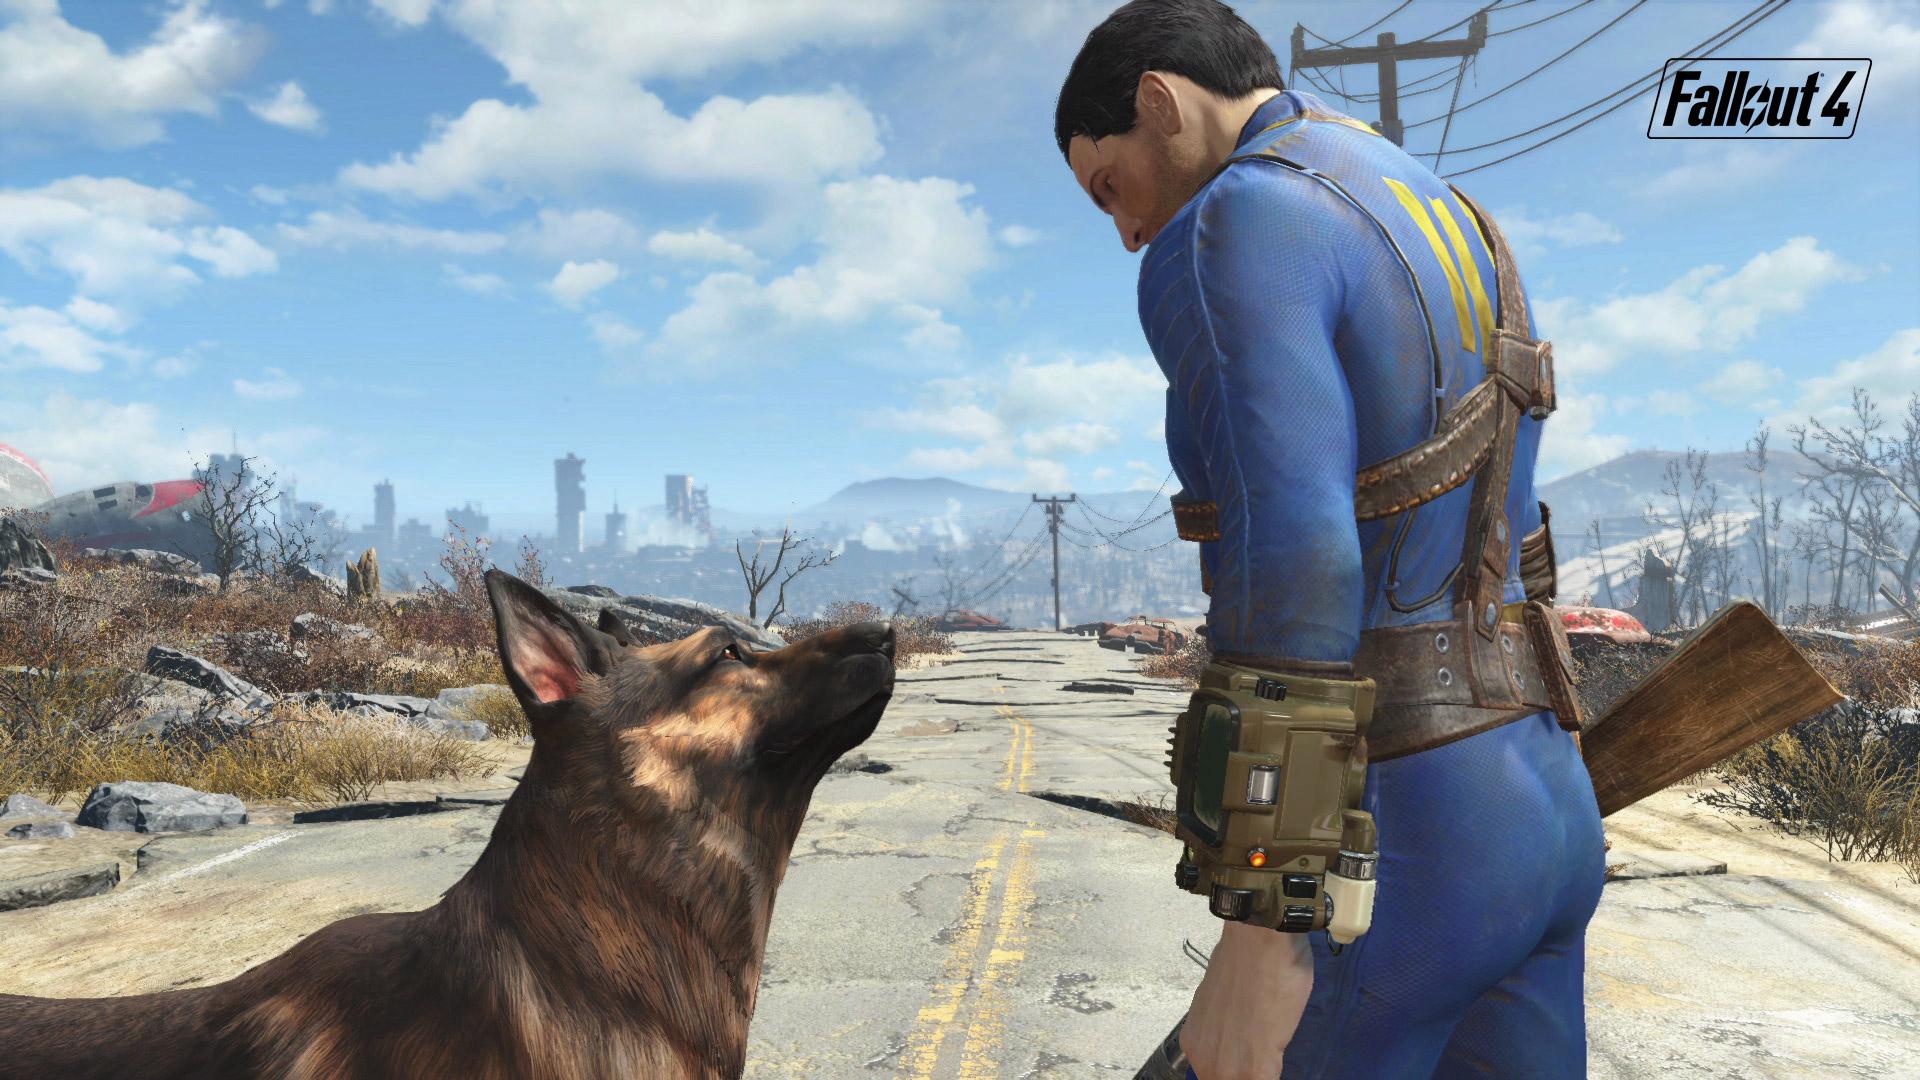 Fallout 4 wallpaper 2